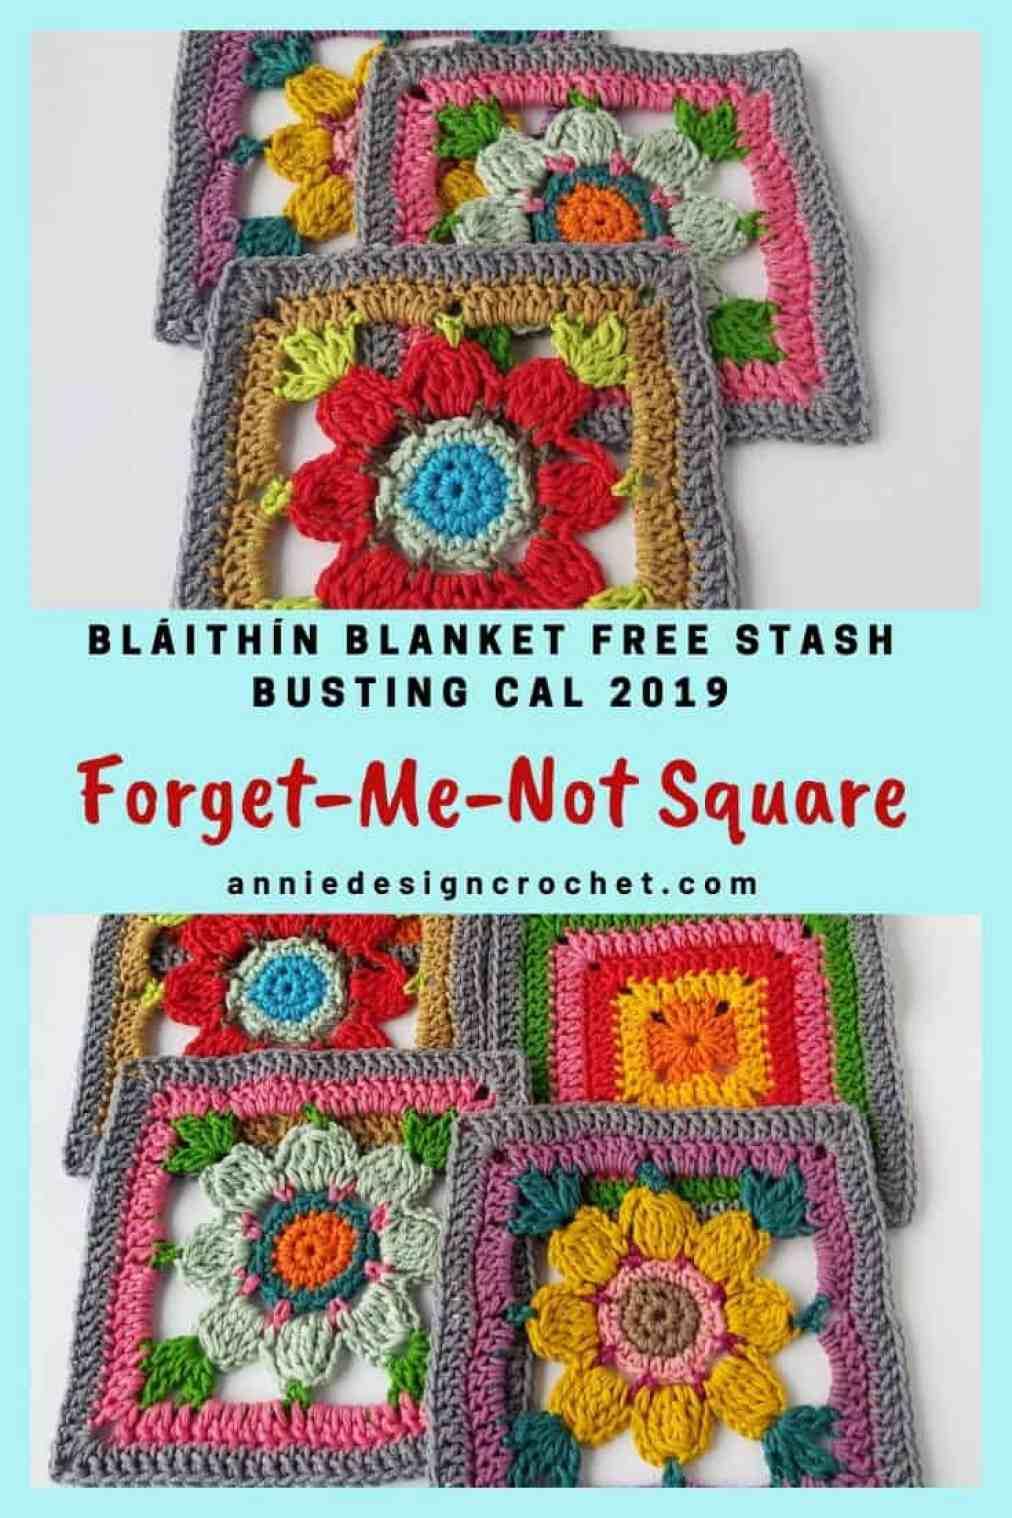 blaithin crochet blanket cal